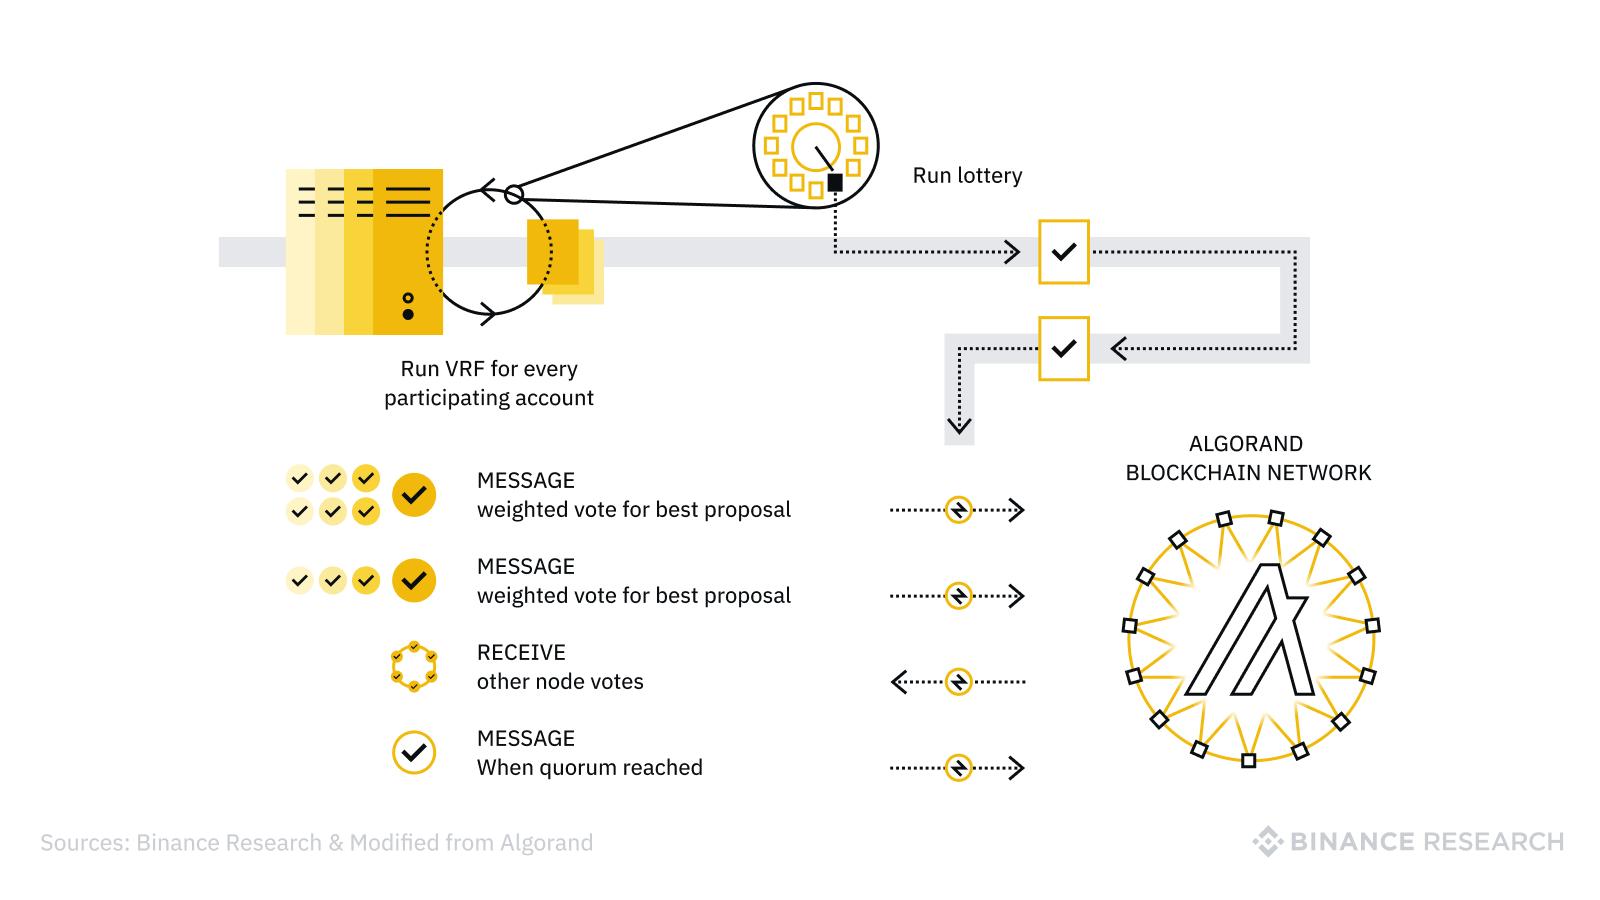 سیستم VRF الگورند